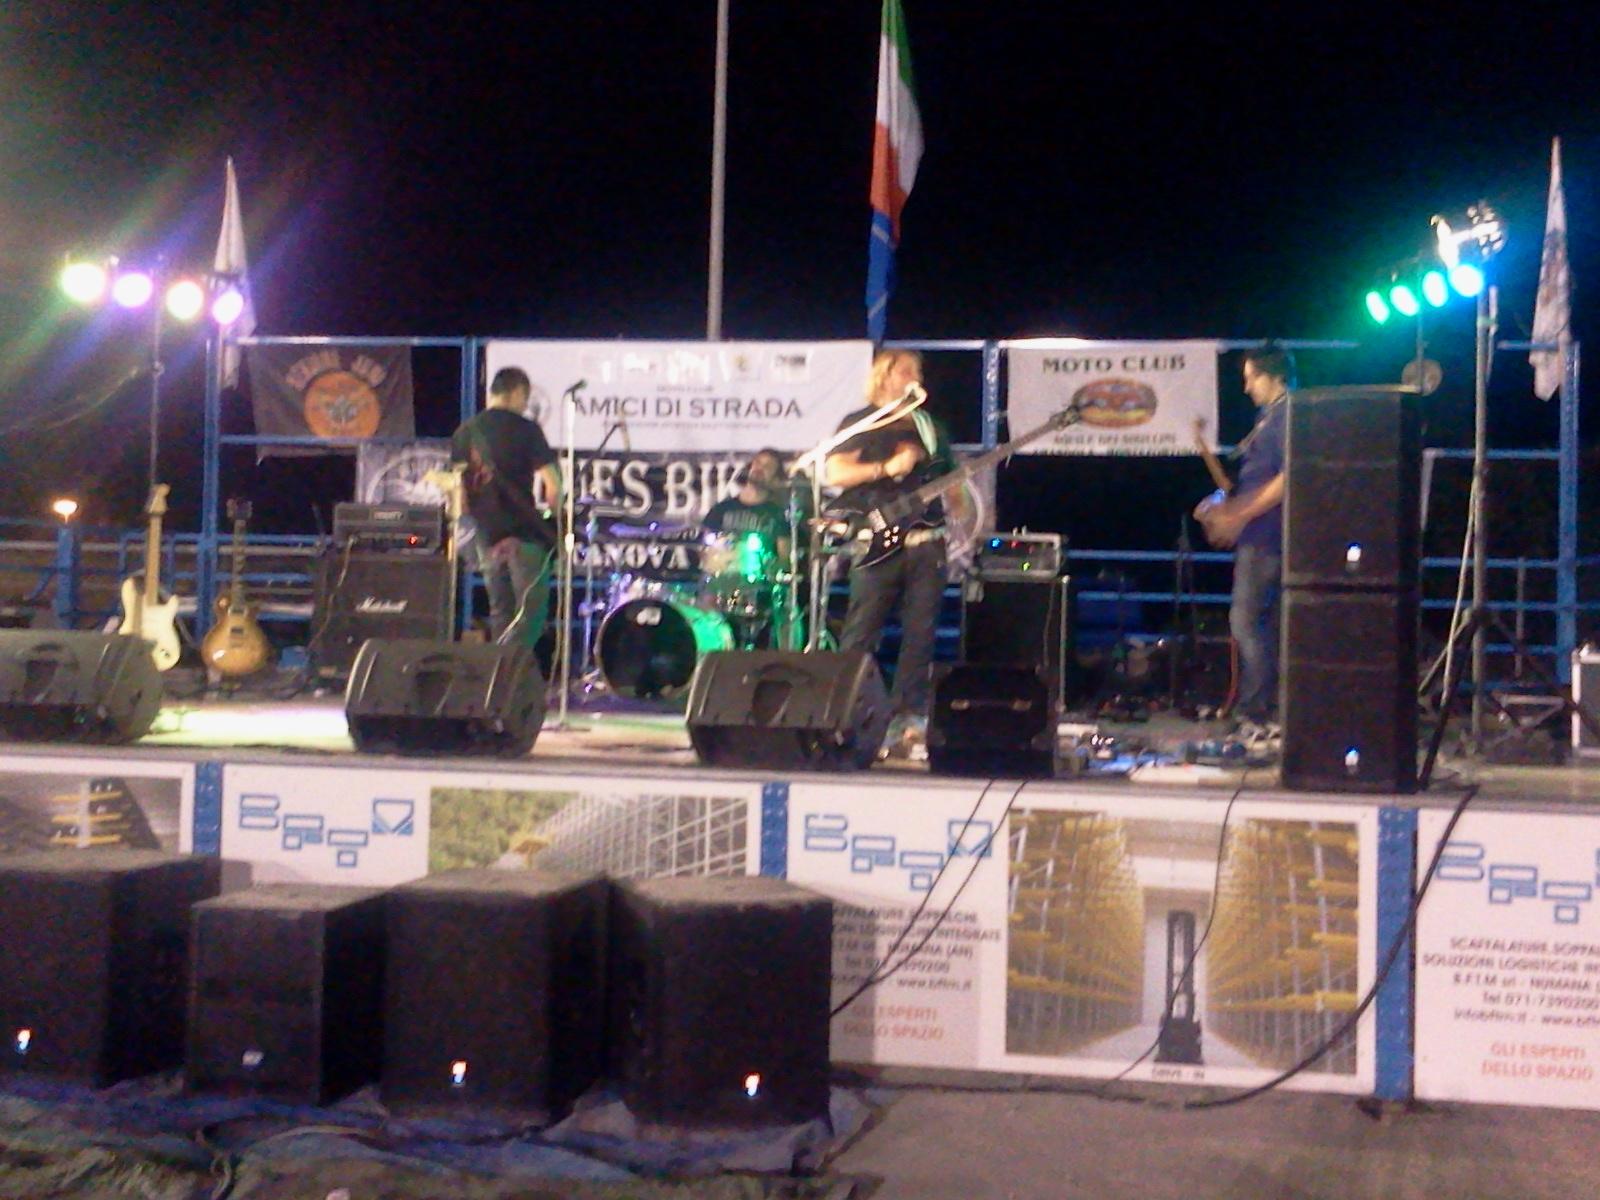 Live@Festa Biker Nazionale, Marche, Italy - 29.9.2012